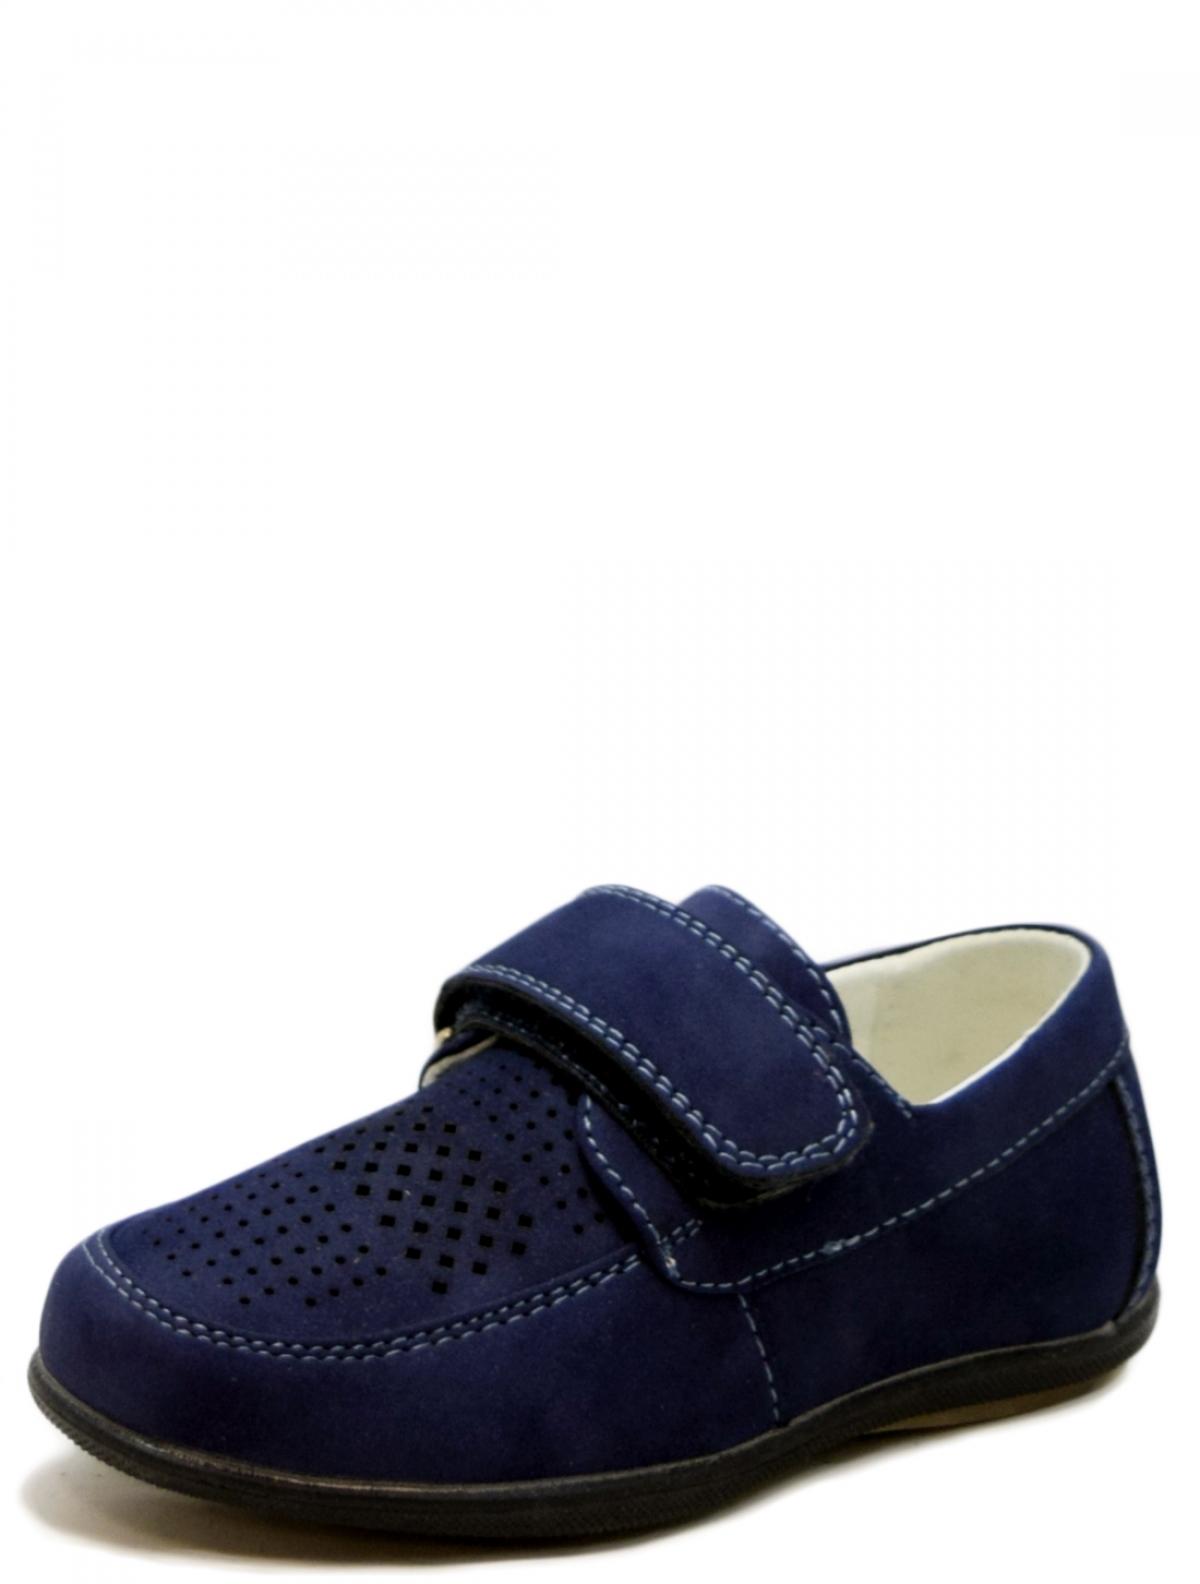 Сказка R070533752 детские туфли